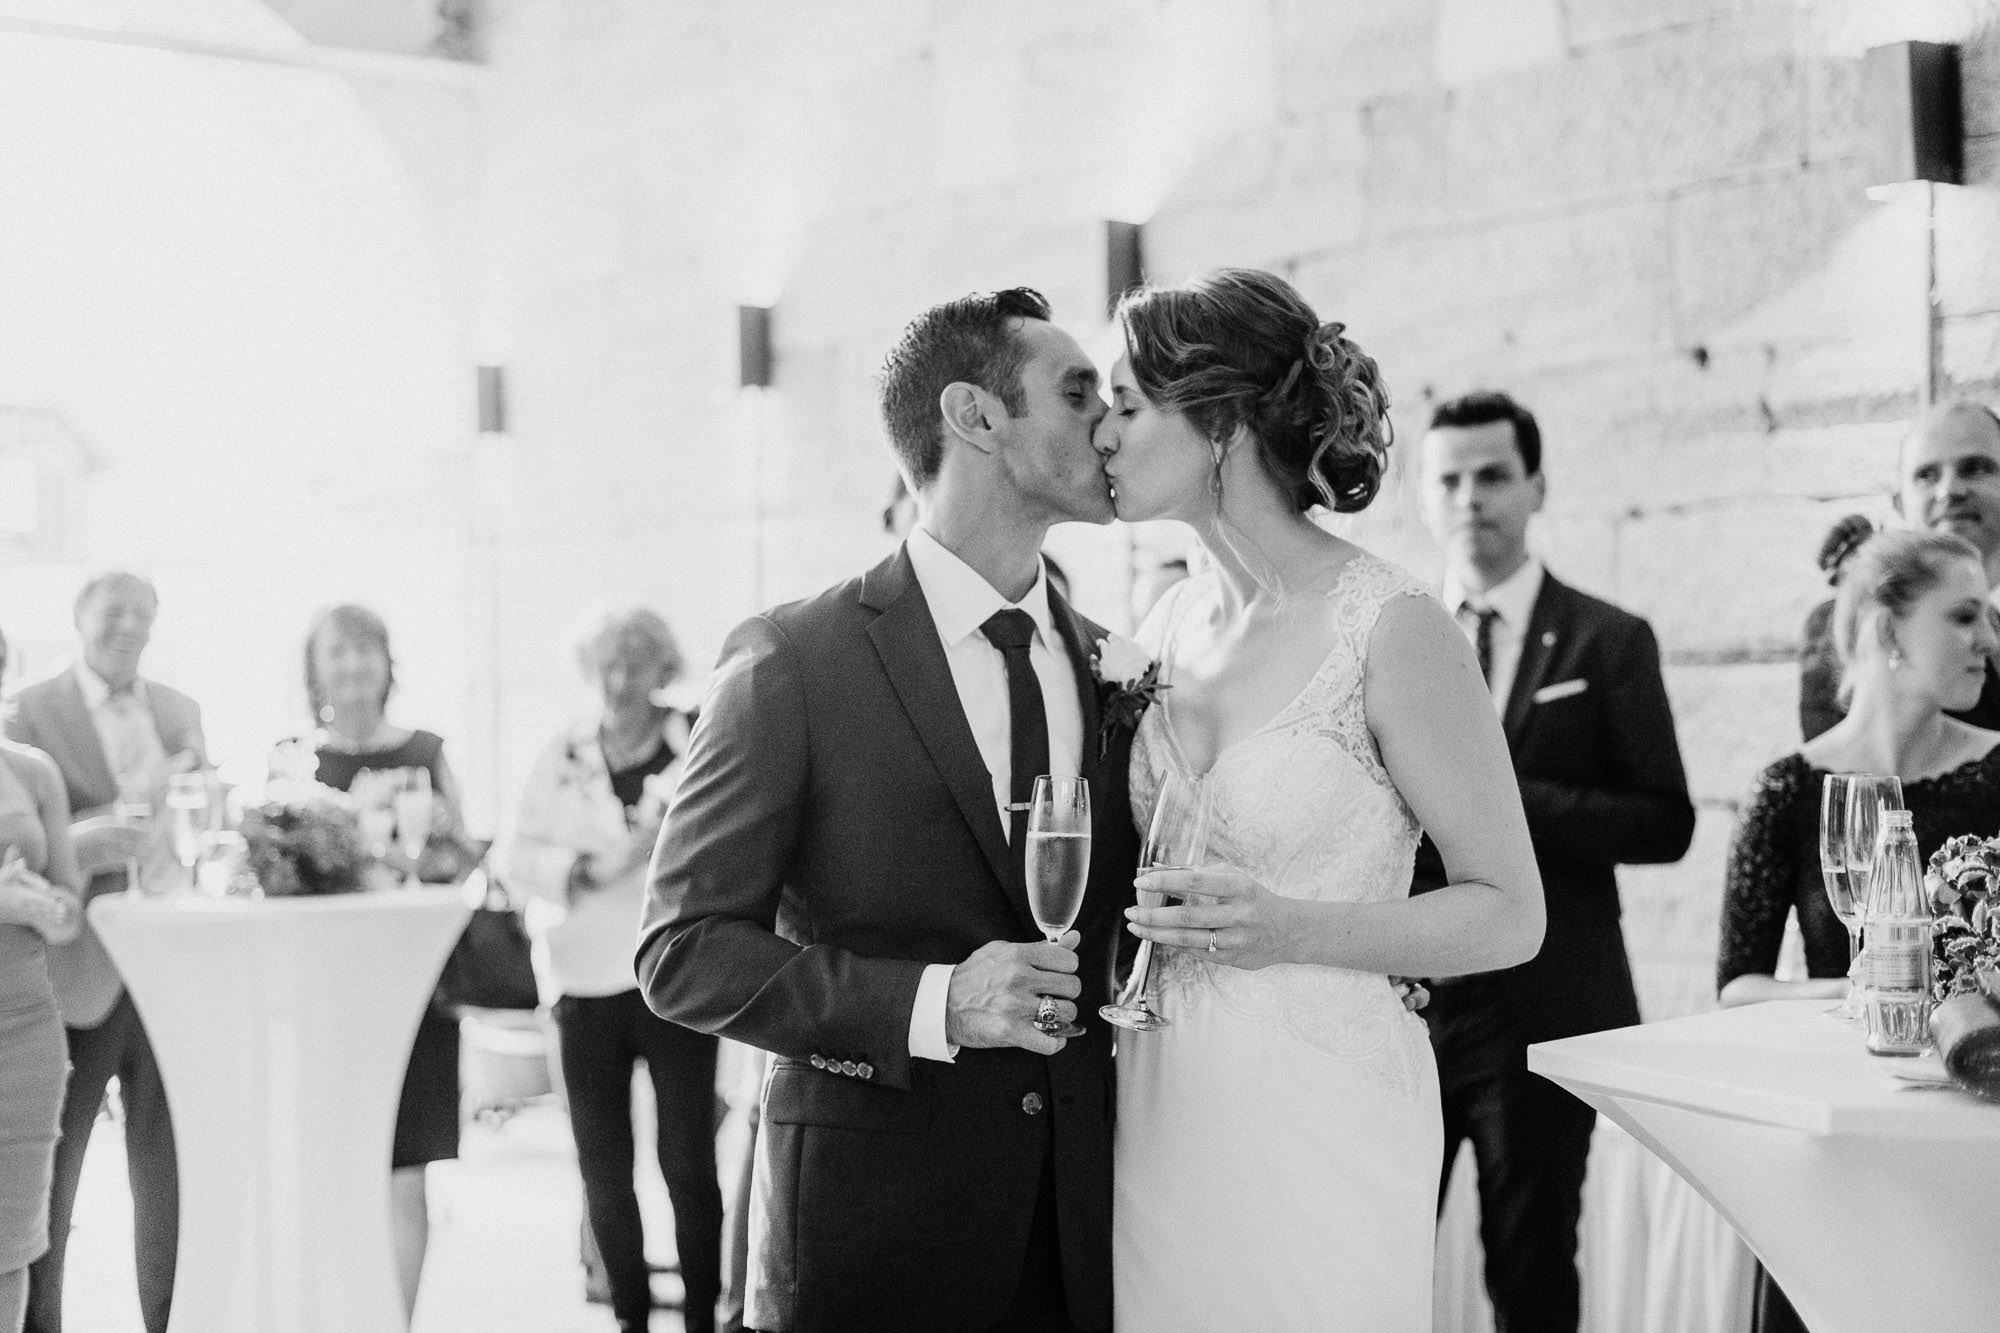 rustic-elegant-wedding-schloss-hochzeit-eyrichshof-franken-bamberg-088